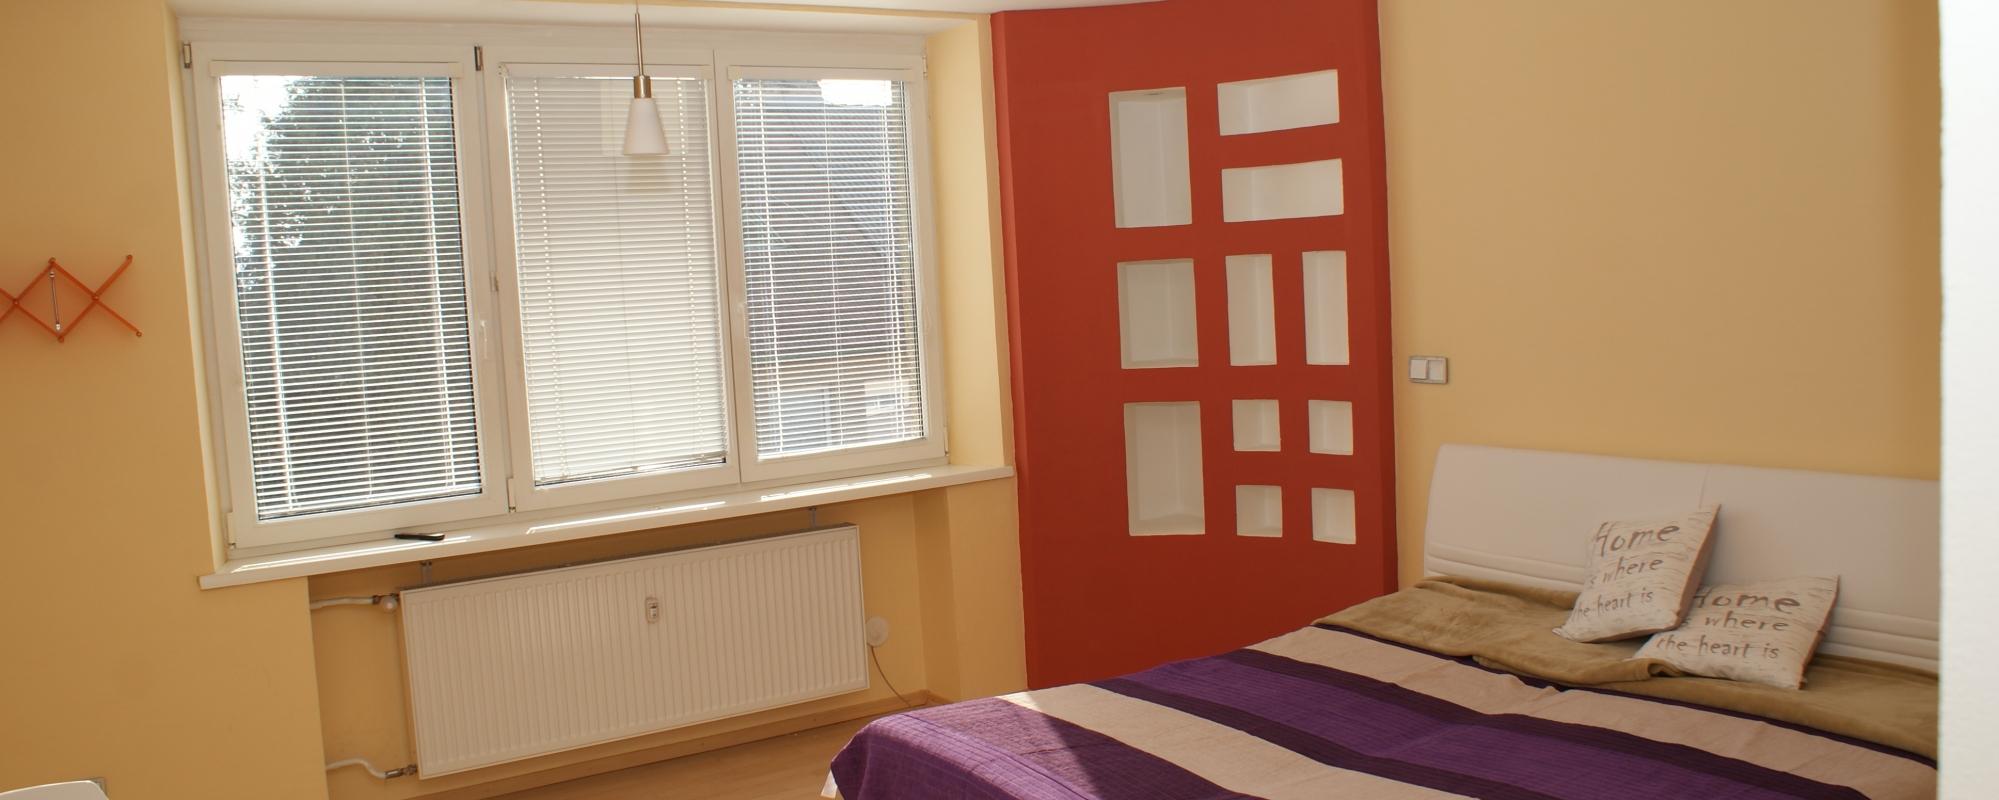 Nadrozmerný 1-izbový byt po rekonštrukcii, ul.Baničné